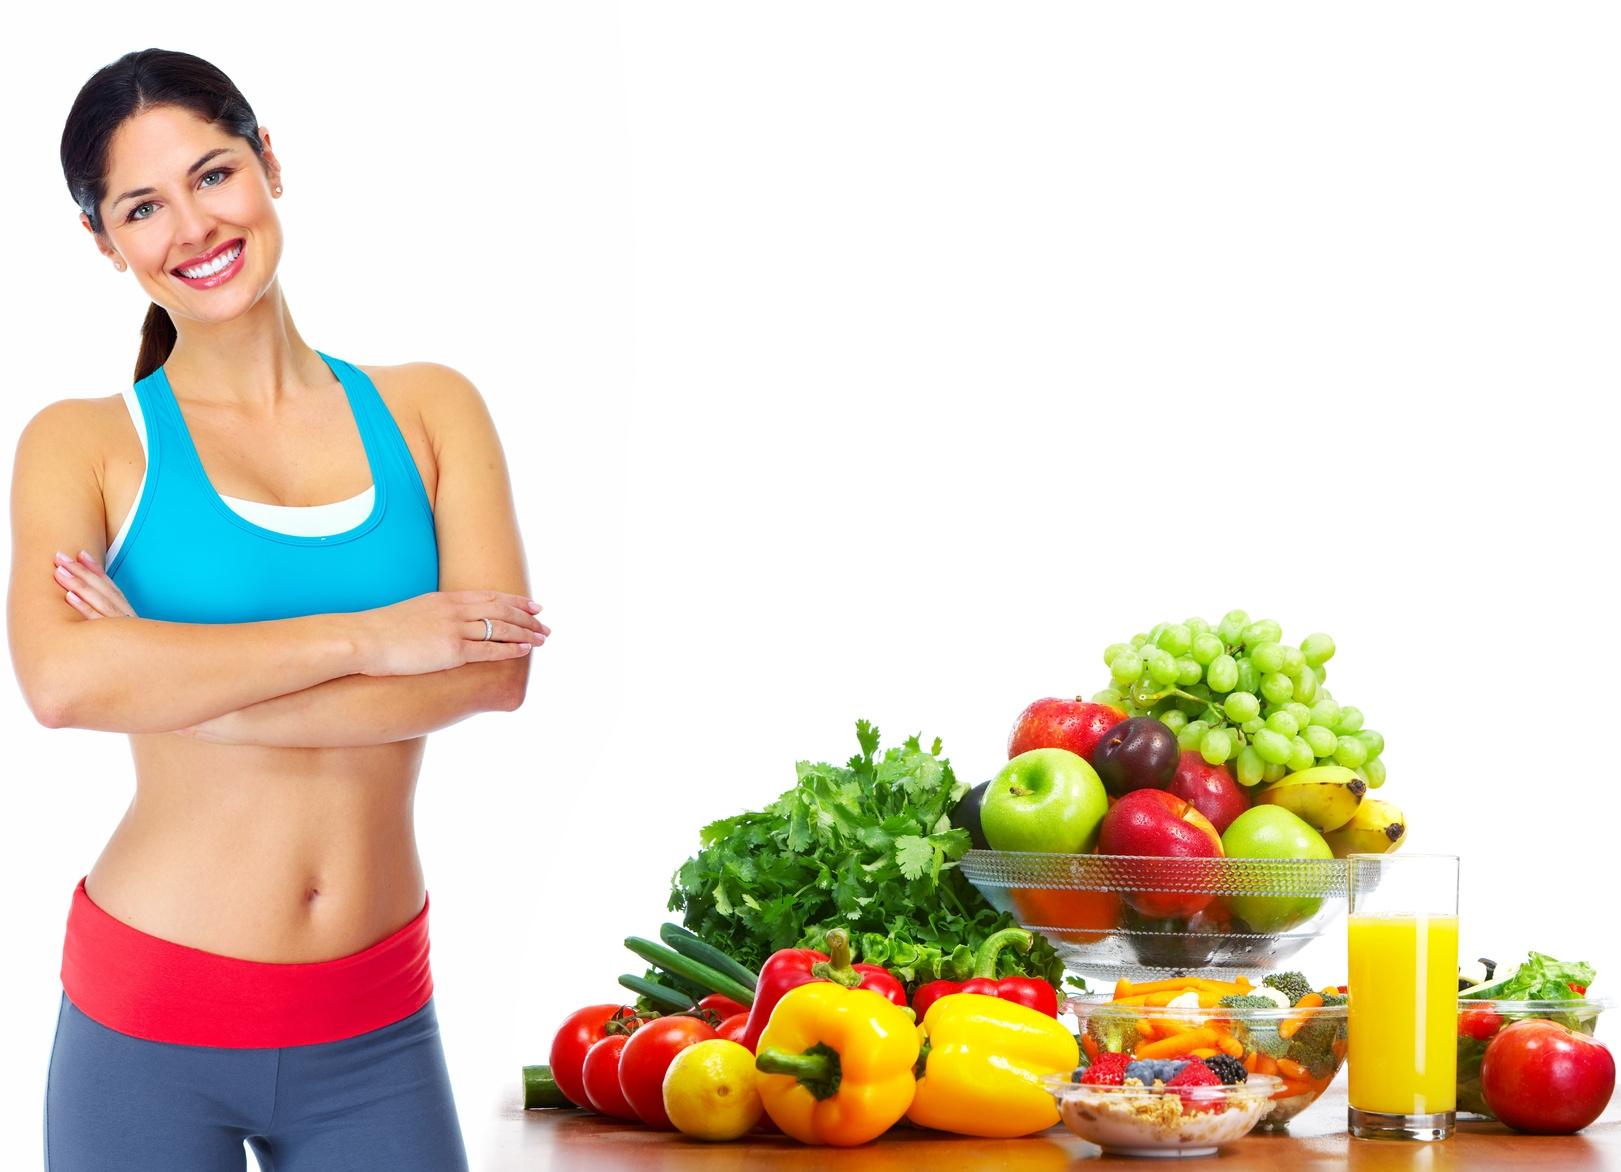 Top 4 thực phẩm càng ăn nhiều càng có hại cho sức khỏe bạn